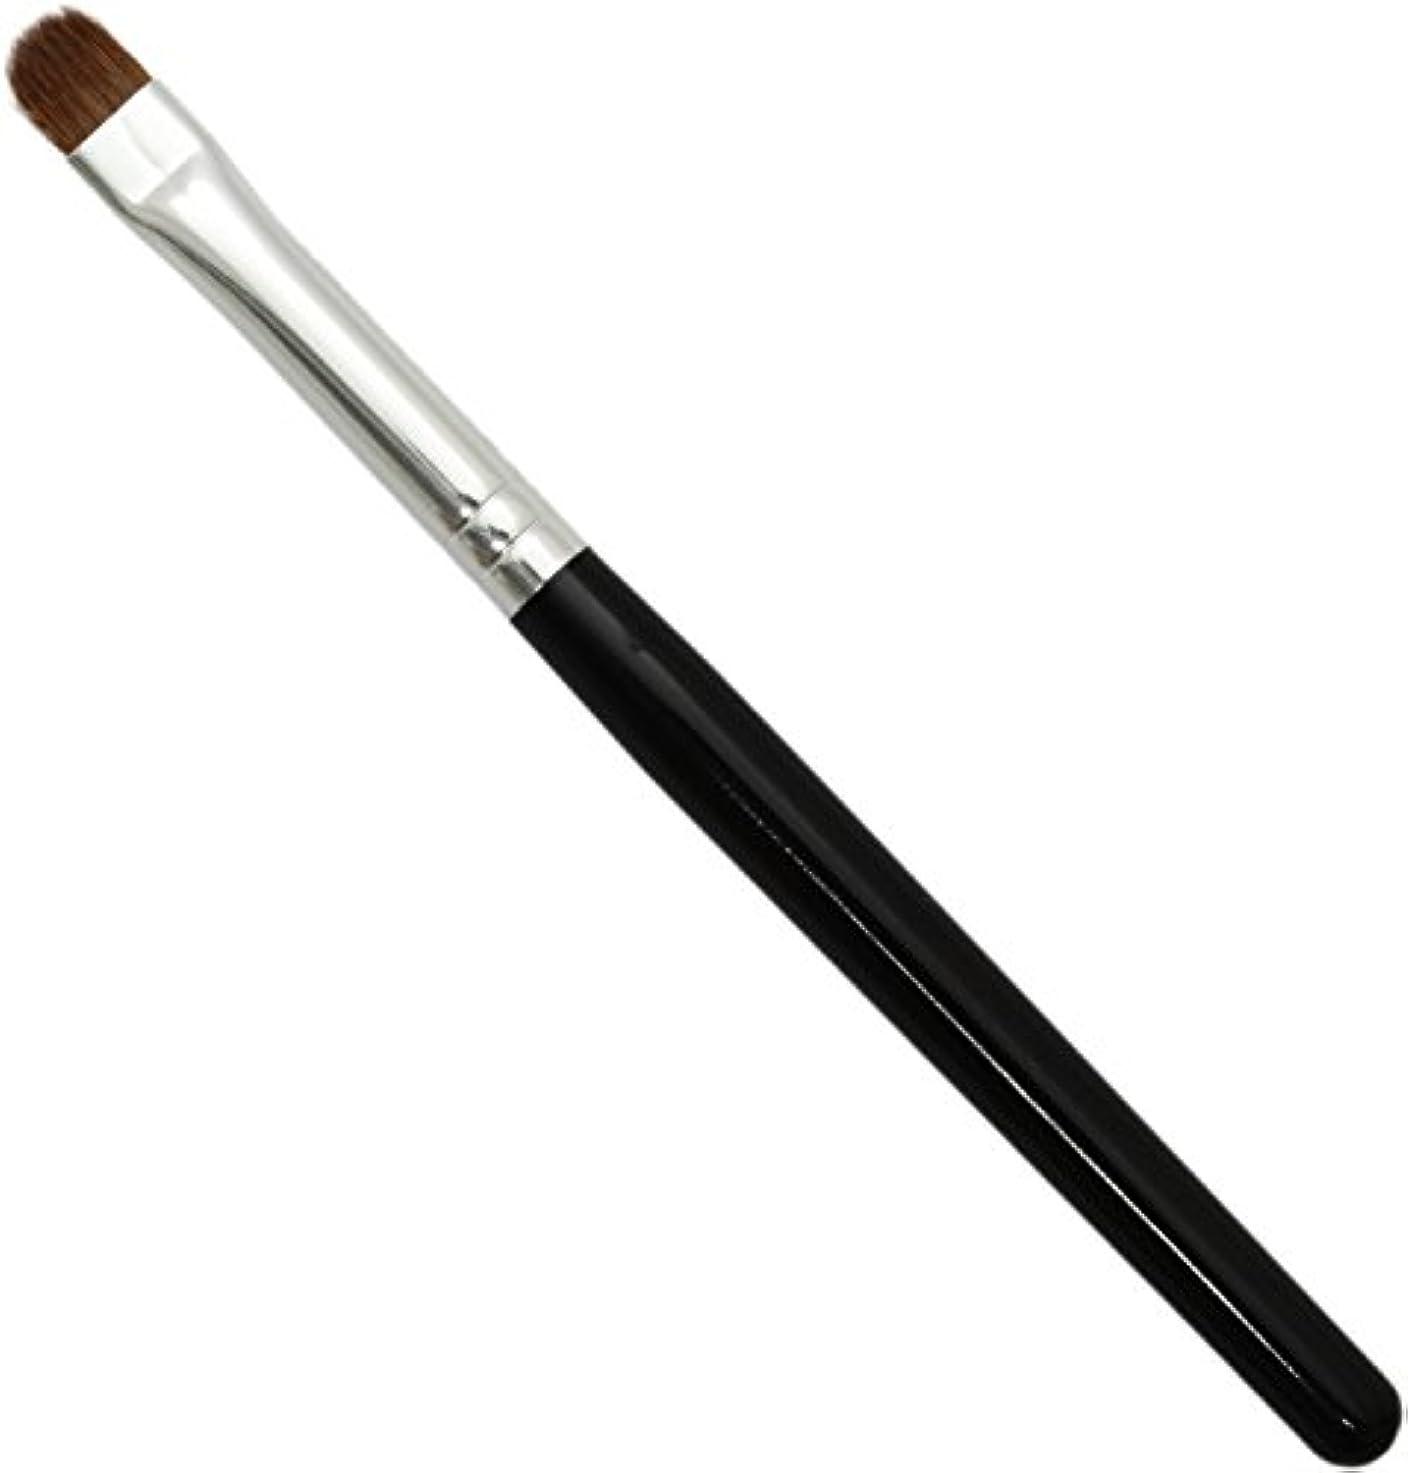 拾う仕立て屋ほこりっぽい熊野筆 メイクブラシ KUシリーズ シャドウライナーブラシ イタチ毛